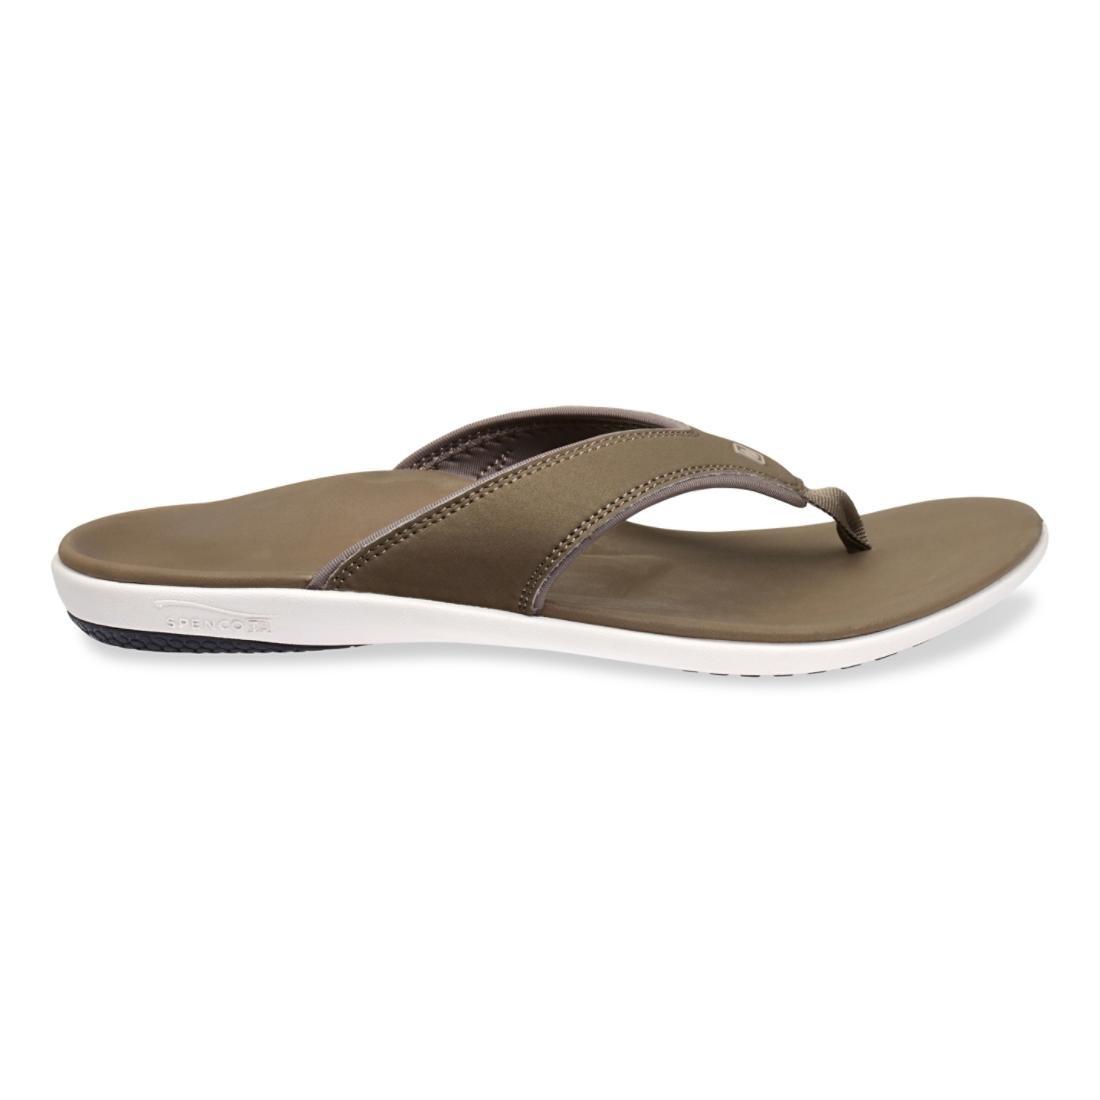 Spenco Herren walnuss Yumi Flip Flop Sandale walnuss Herren e68372